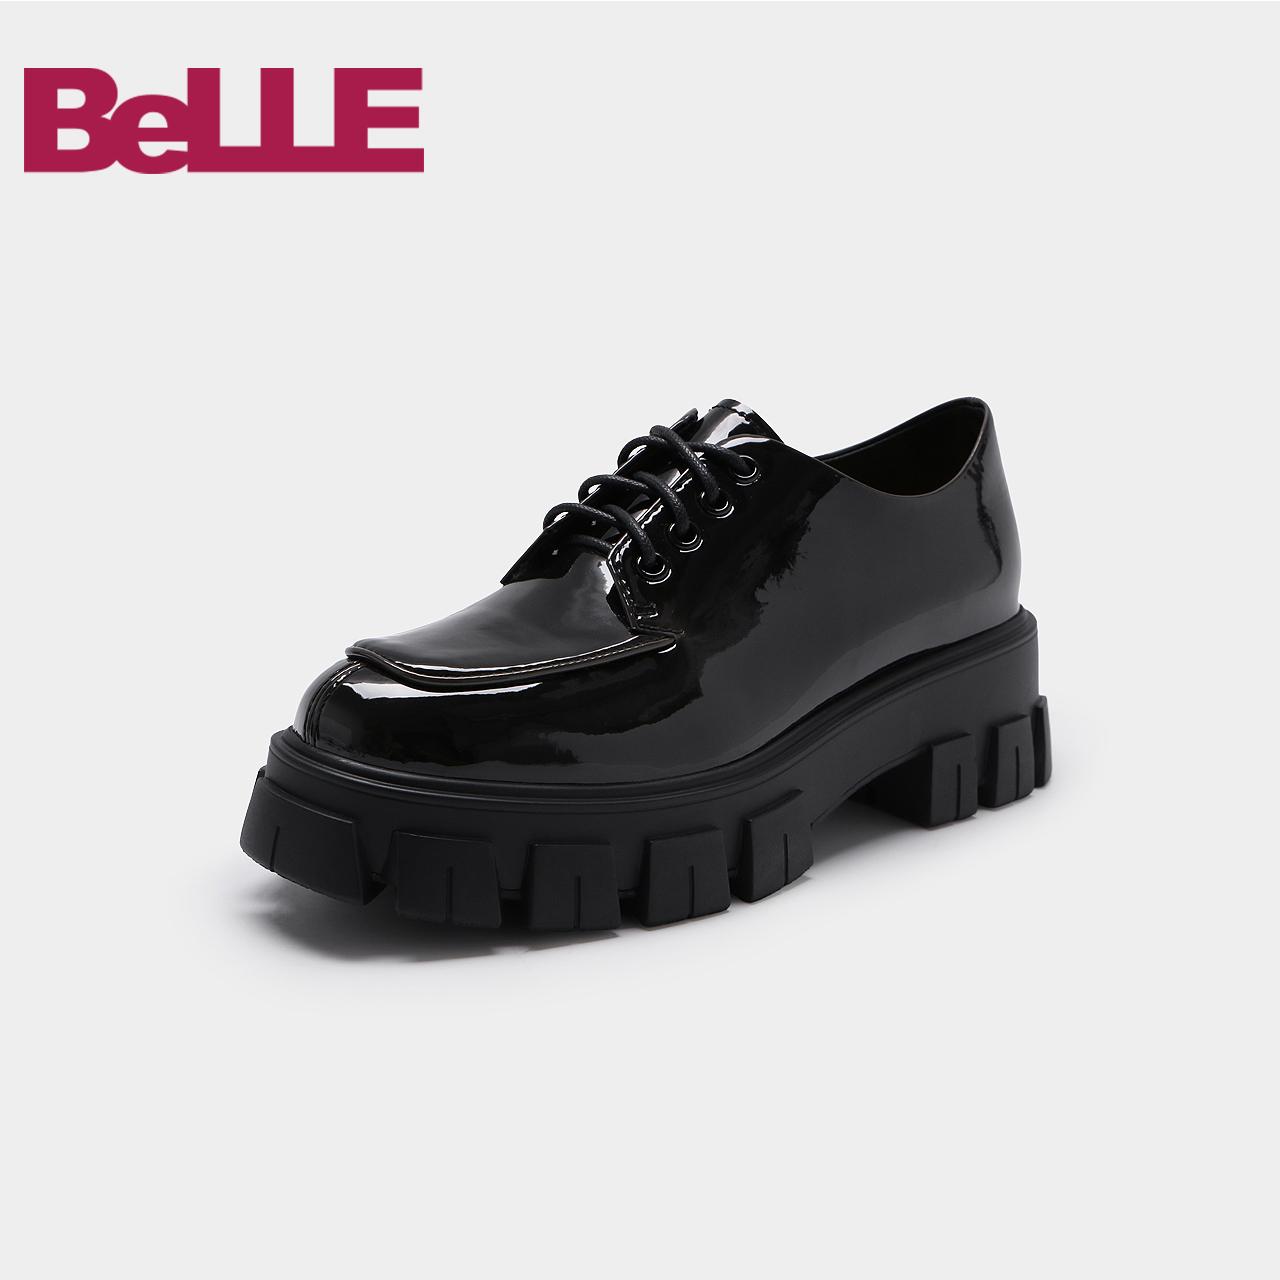 3HJ20CM9 秋新商场同款英伦漆面系带女休闲鞋 2019 百丽厚底单鞋女